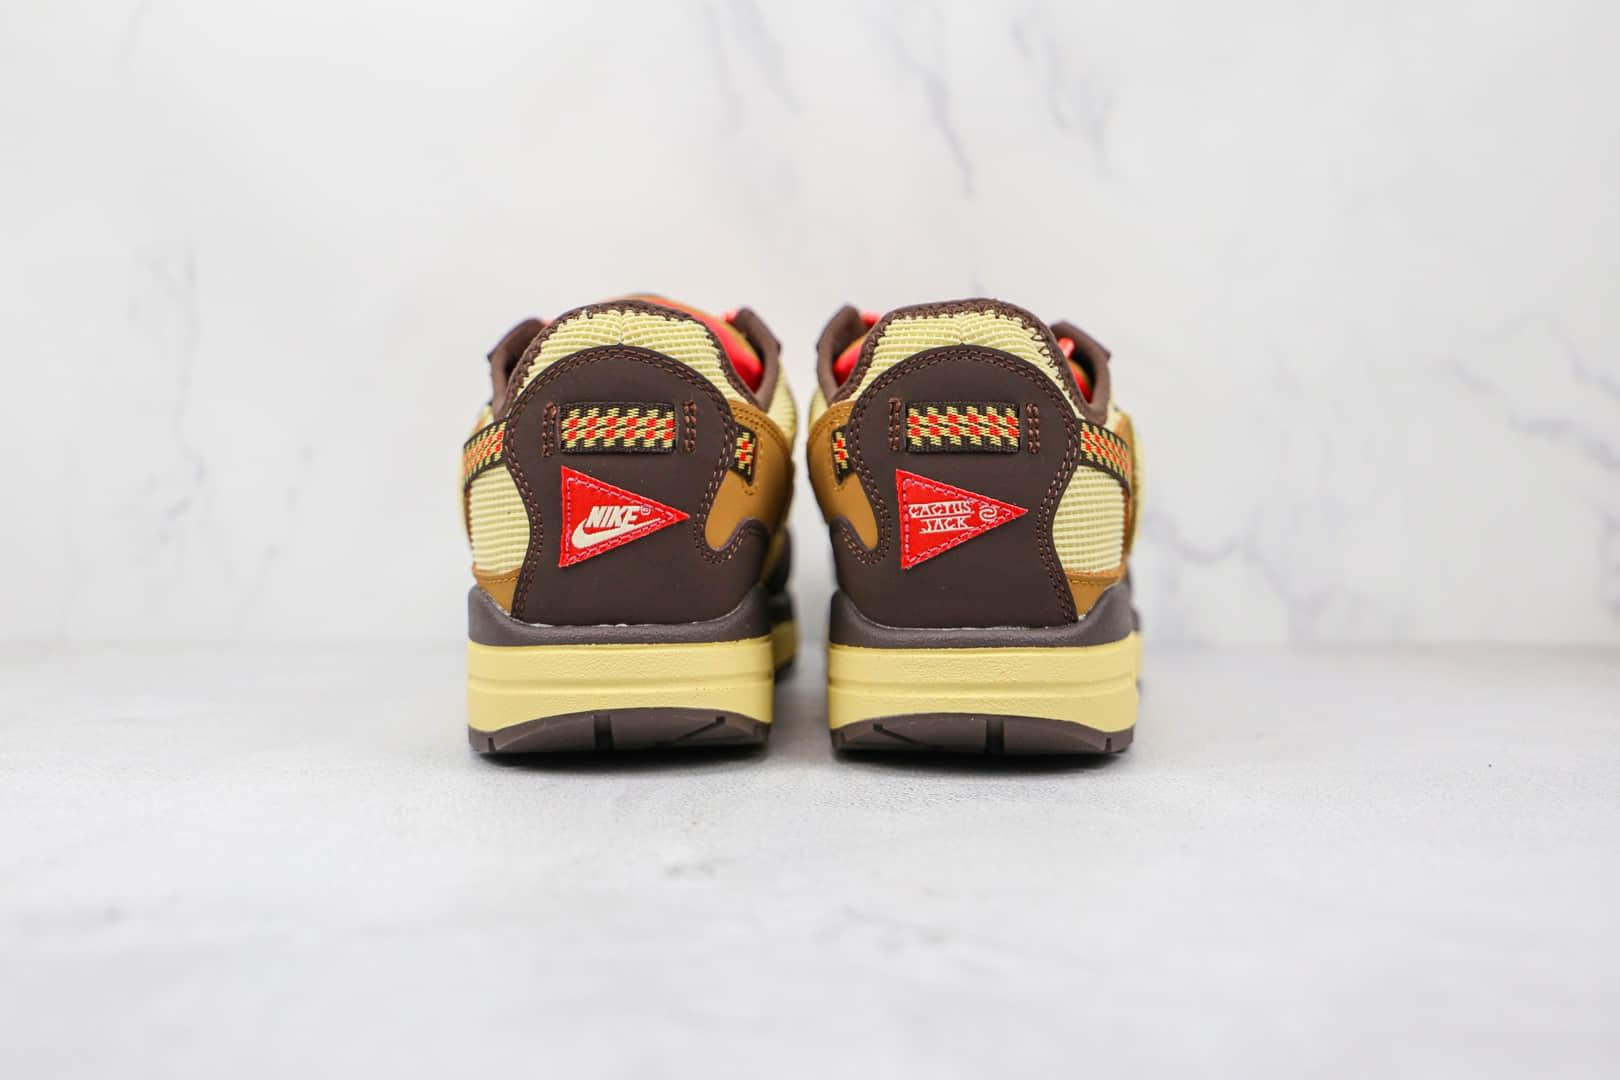 耐克Nike Air Max 1 Cactus Jack x Travis Scott联名款纯原版本倒勾米褐色气垫鞋原档案数据开发 货号:DO9392-200